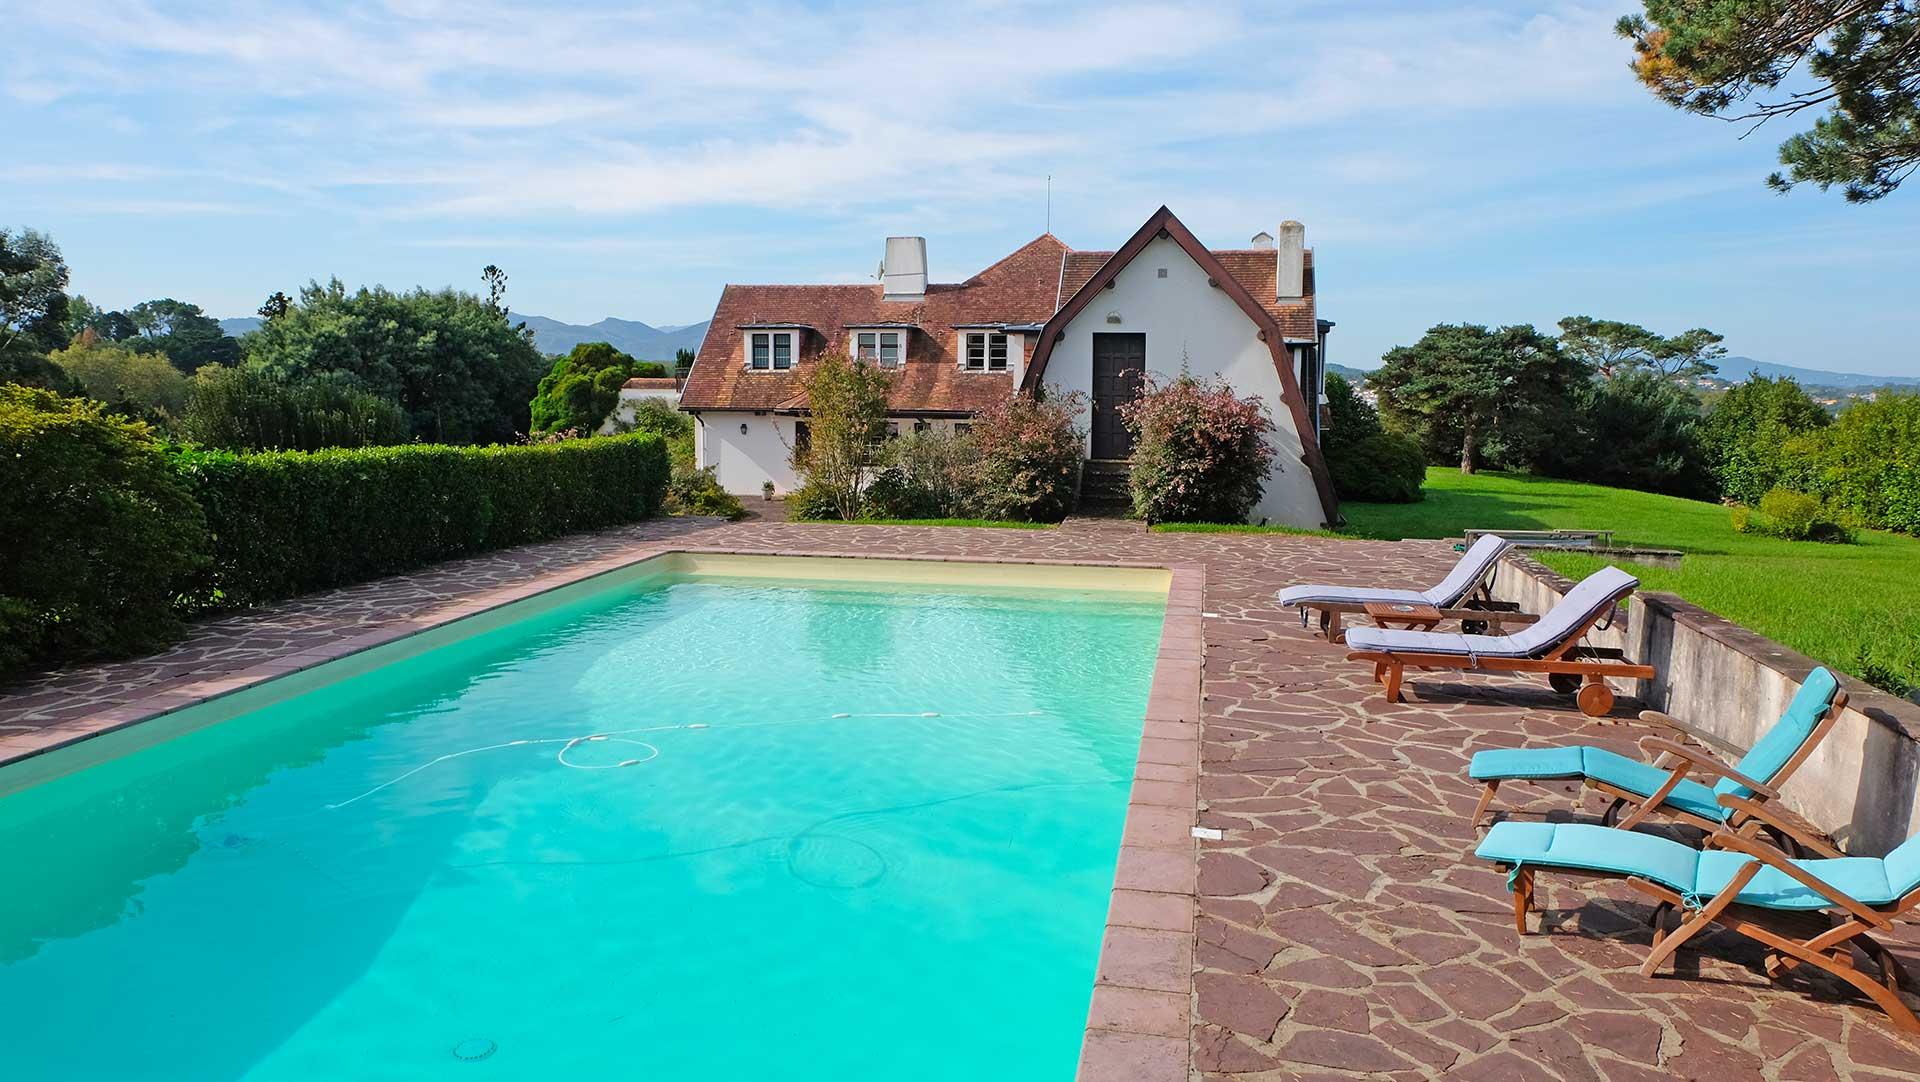 Quartier de saint joseph belle propriete d environ 500m2 - Location maison sud ouest piscine ...